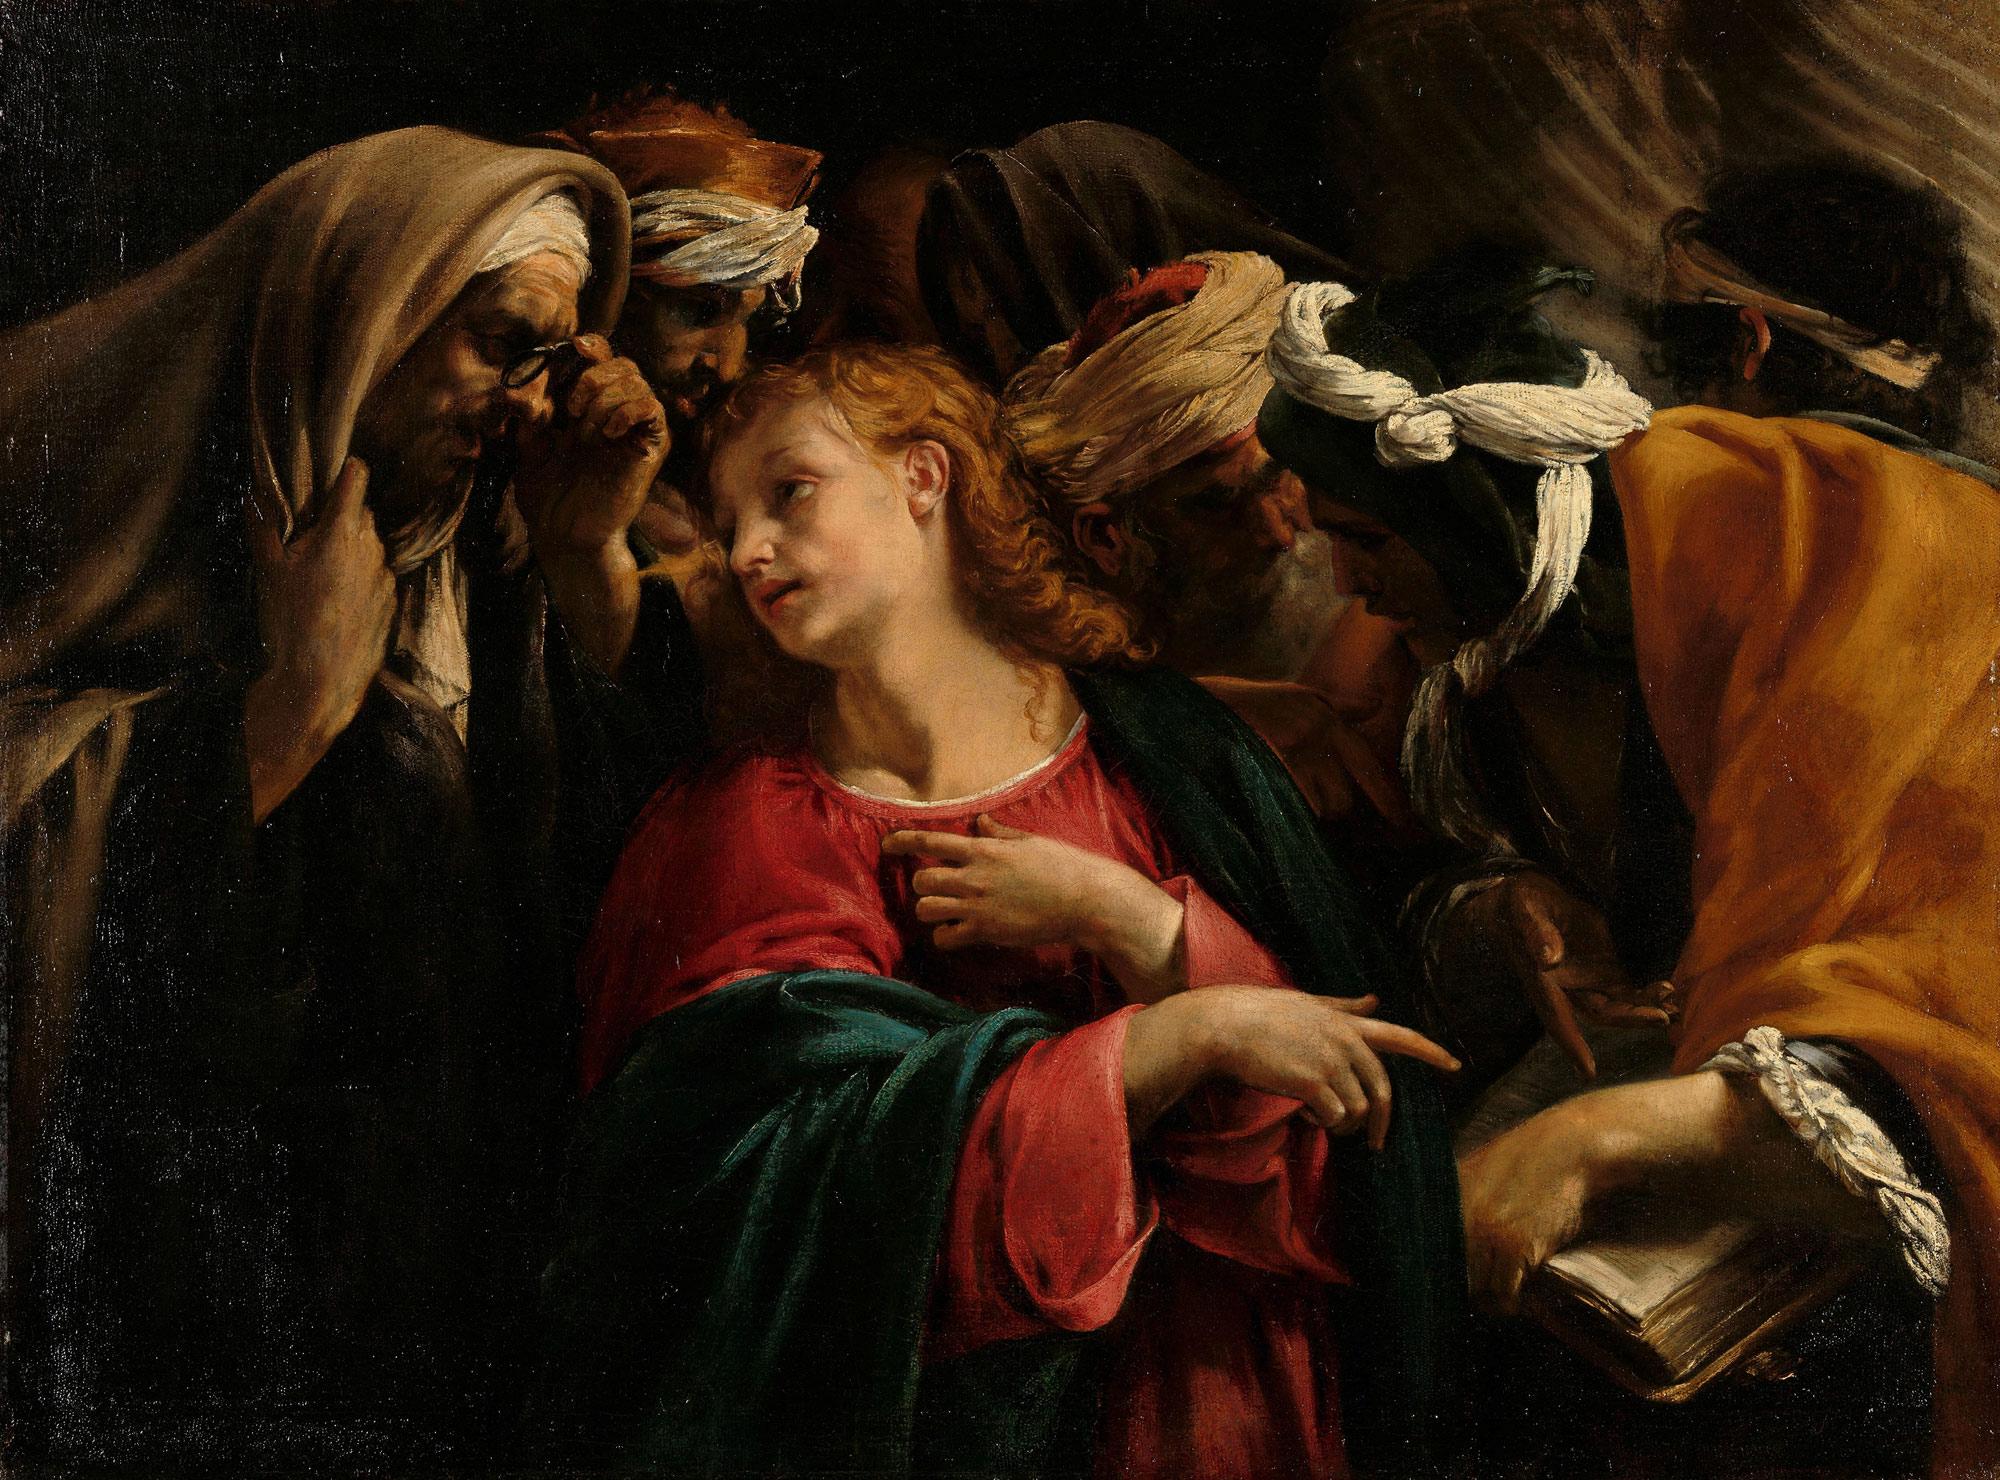 La prima monografica di Orazio Borgianni, grande pittore caravaggesco, è a Roma, a Palazzo Barberini